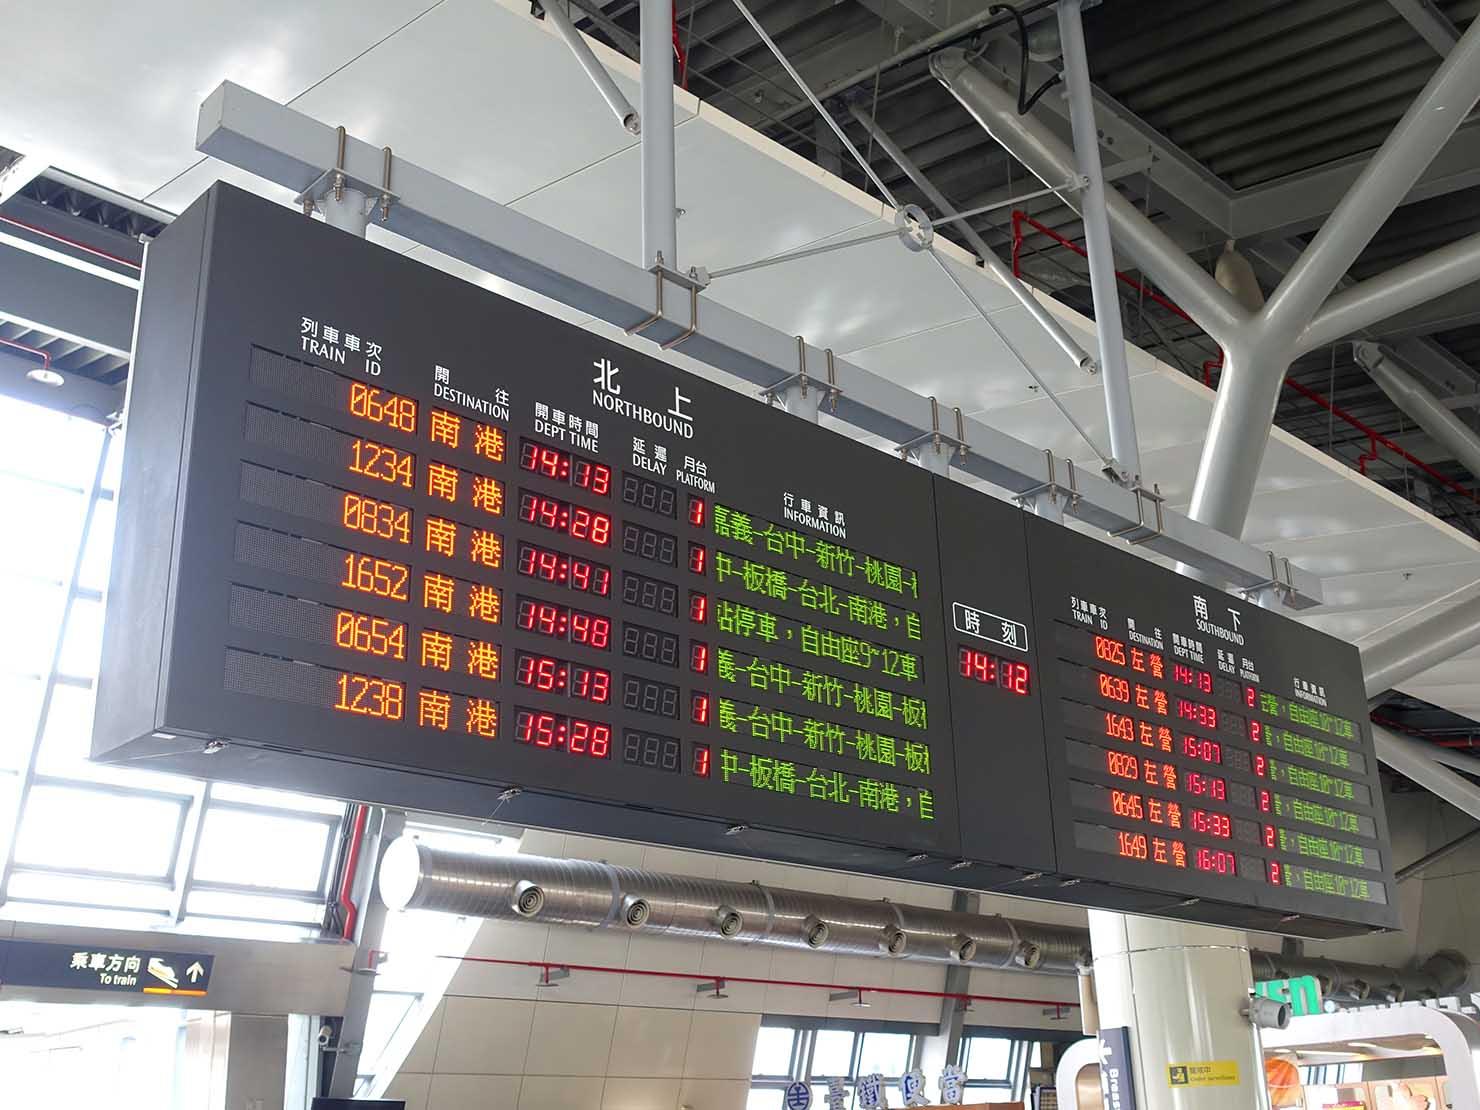 台湾新幹線(高鐵)台南駅の電光掲示板